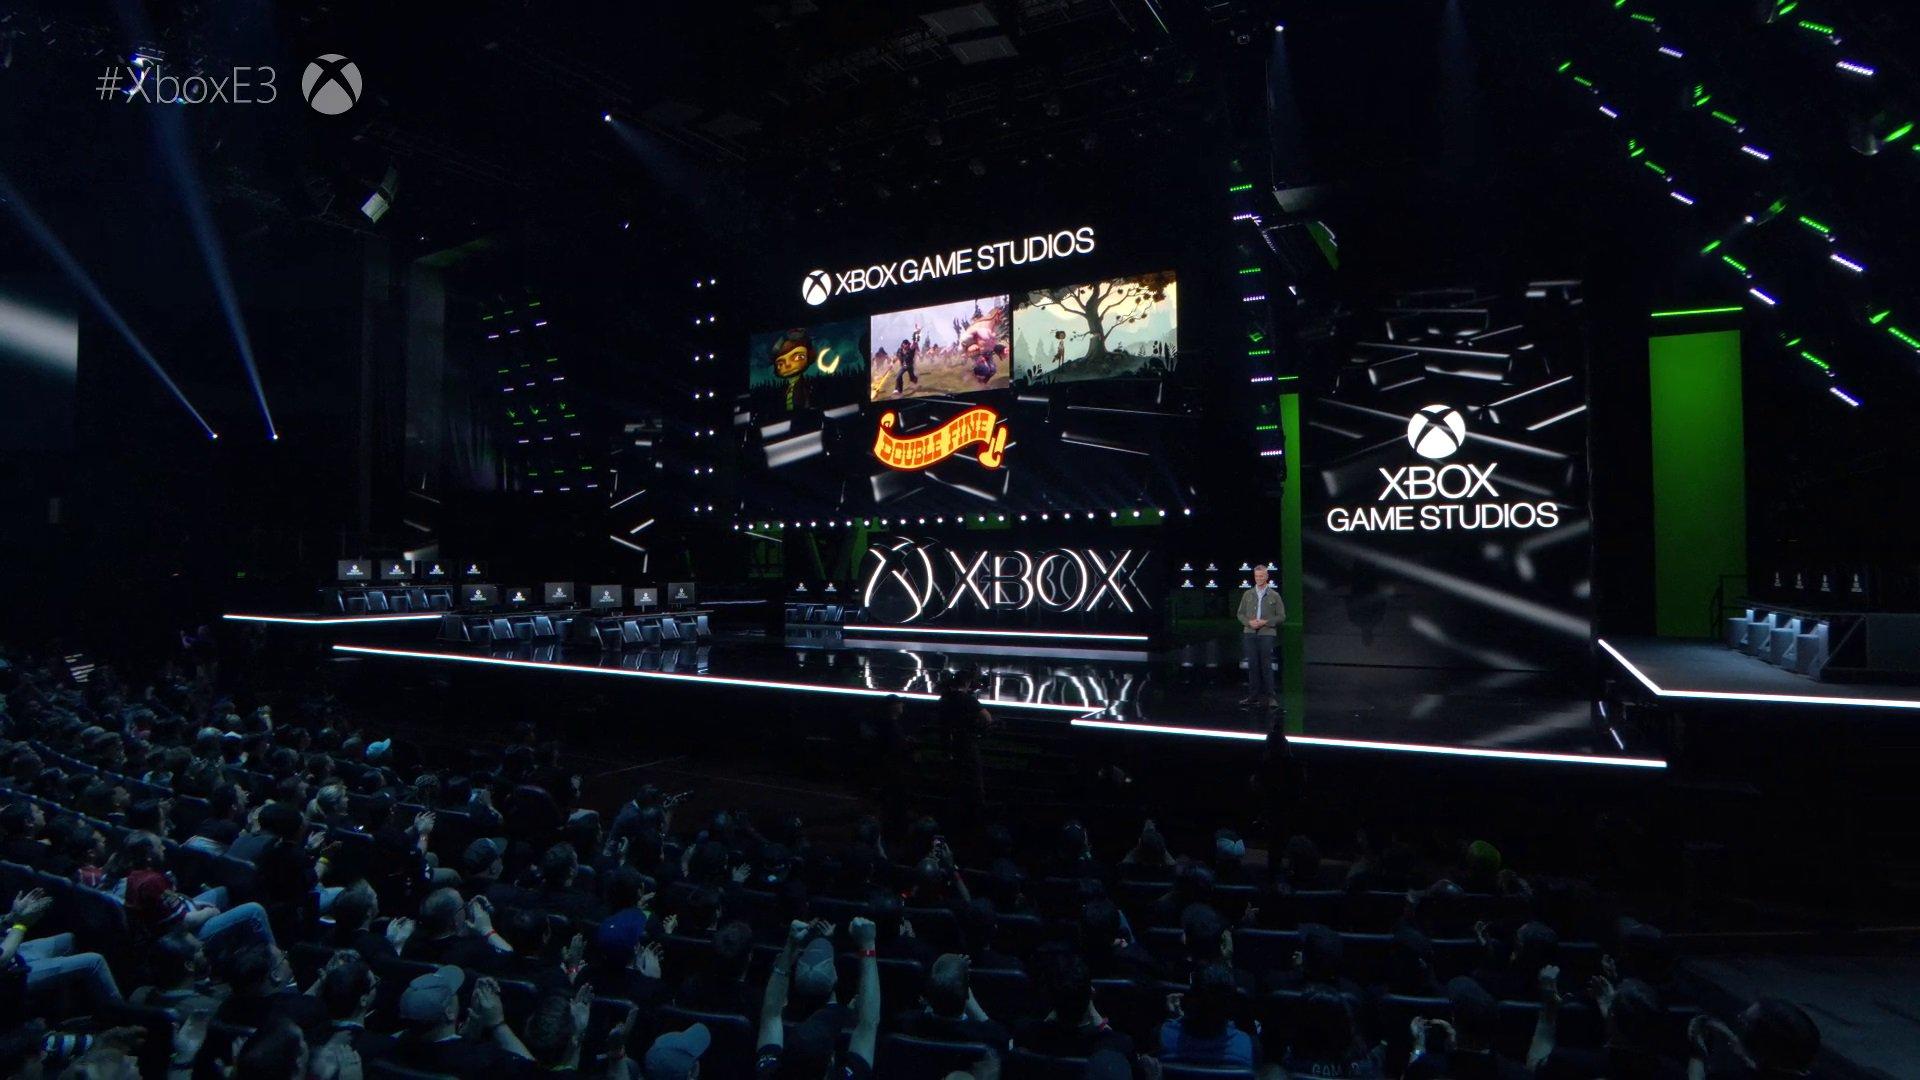 Xbox E3 2019 Recap